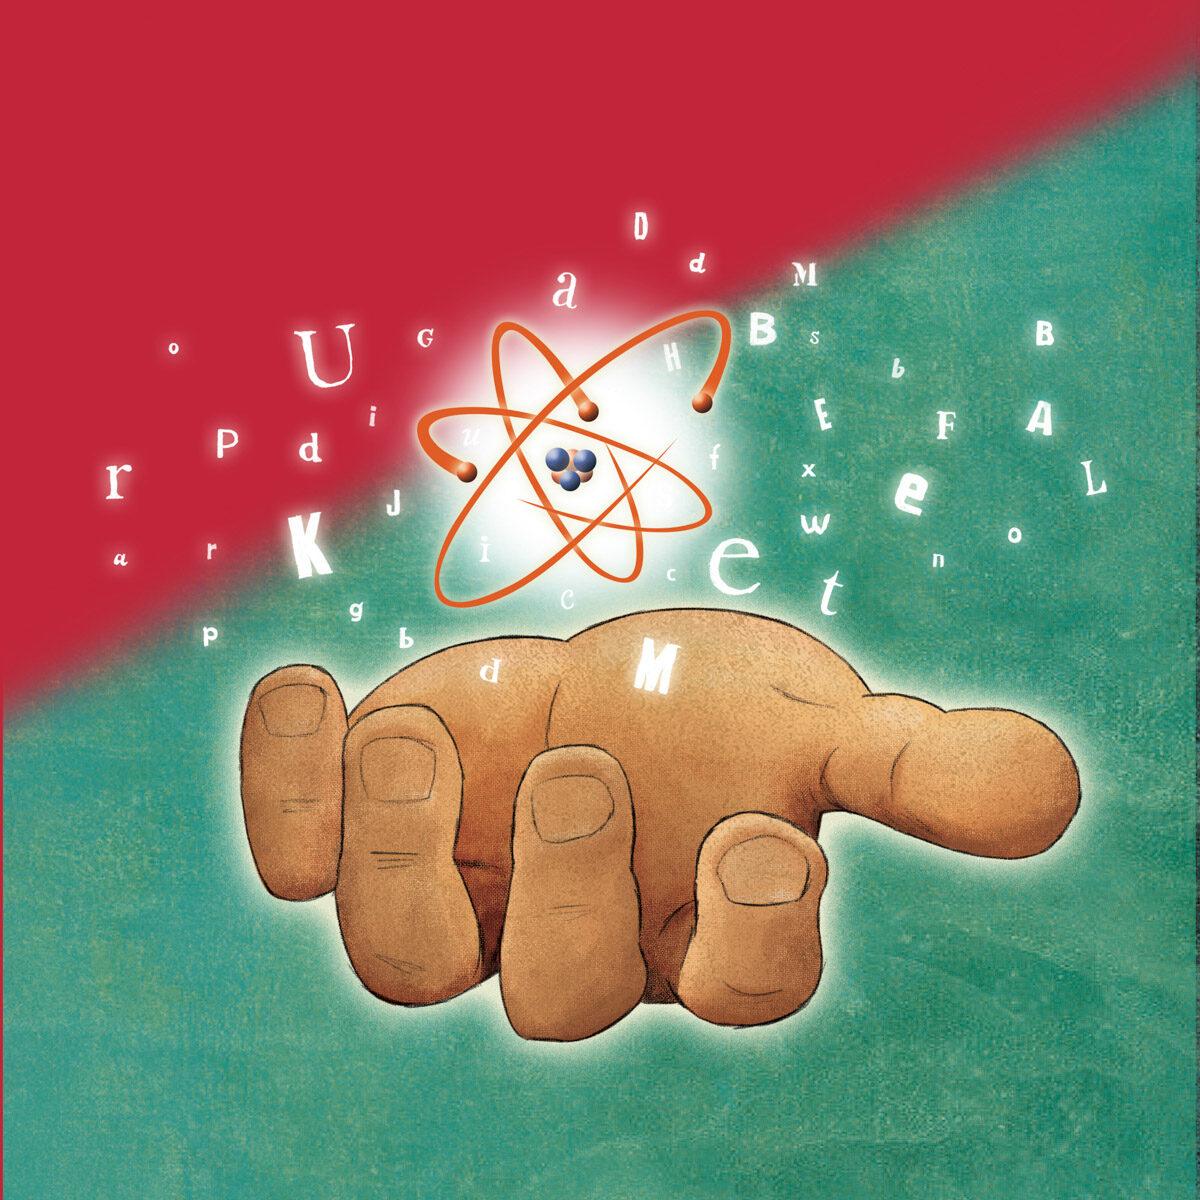 Ilustração para livro da editora FTD